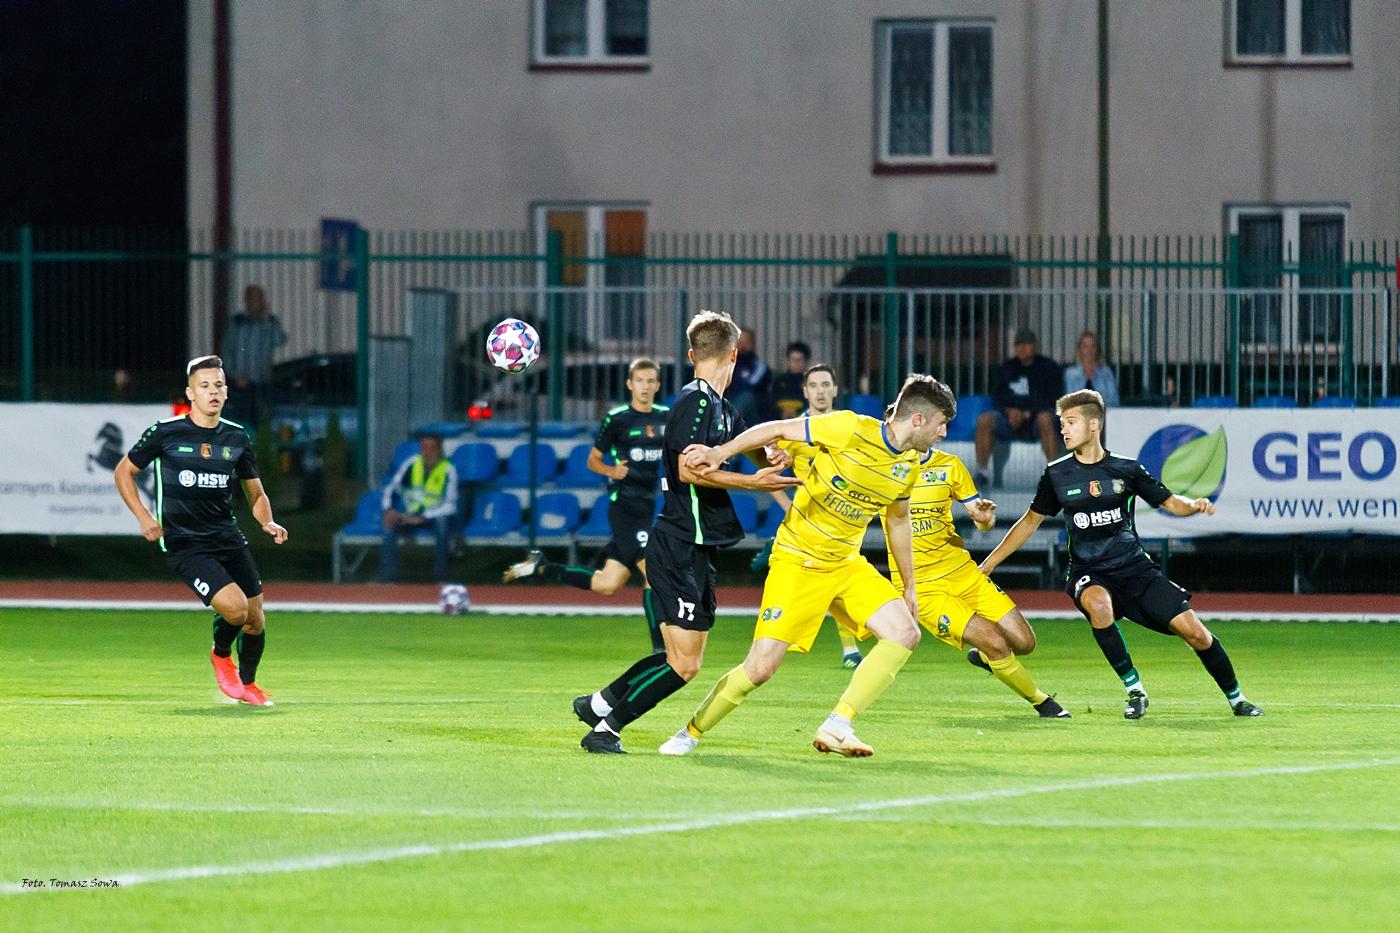 Ekoball wygrywa trzeci mecz na własnym stadionie - Zdjęcie główne